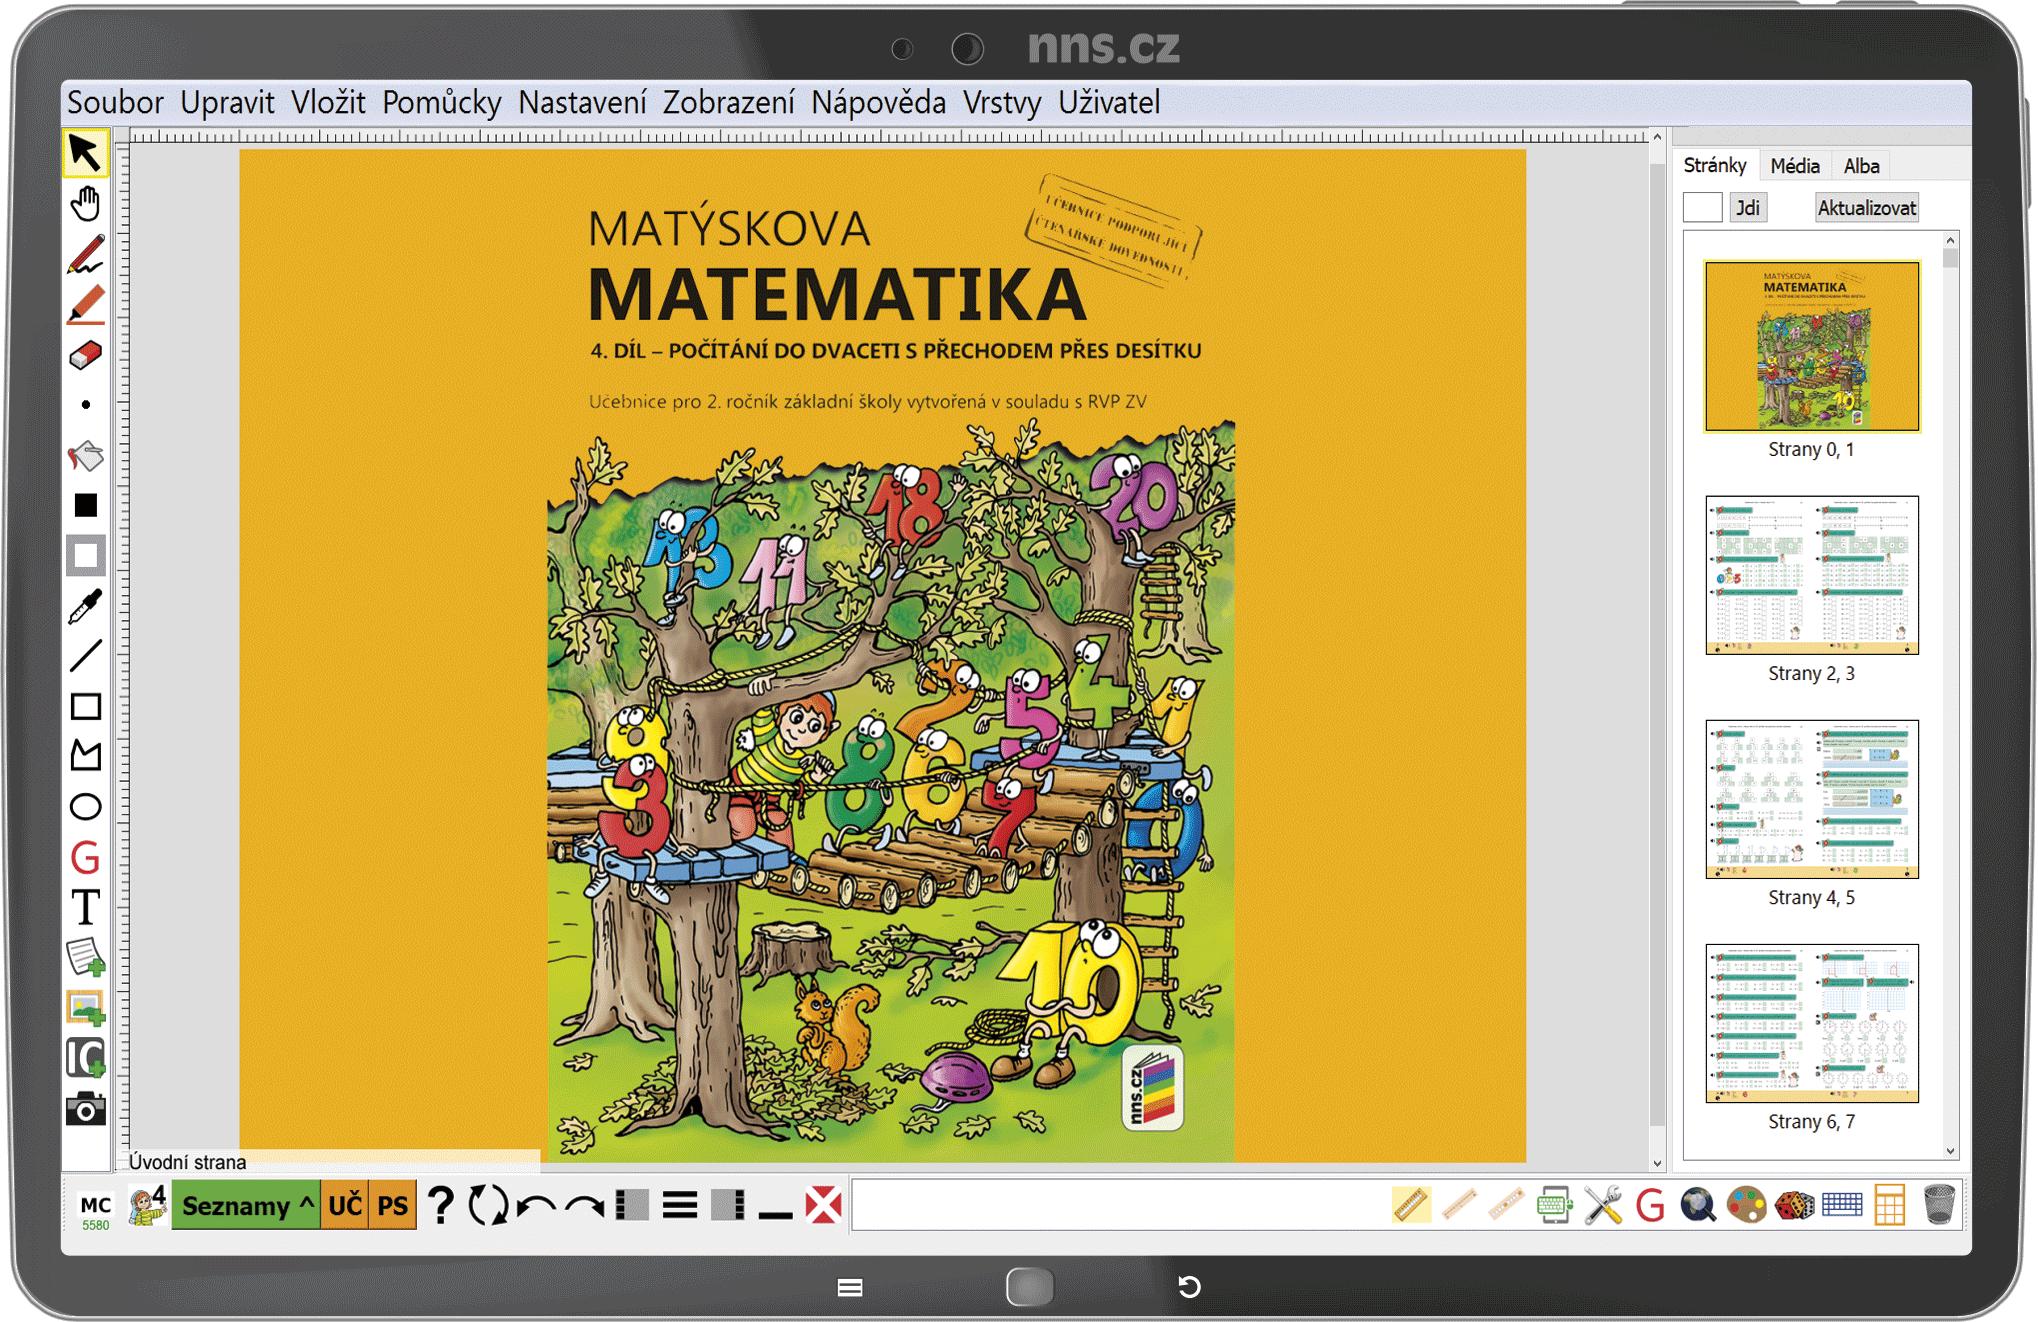 MIUč+ Matýskova matematika 2 (4., 5. a 6. díl) školní multilicence na 1 školní rok